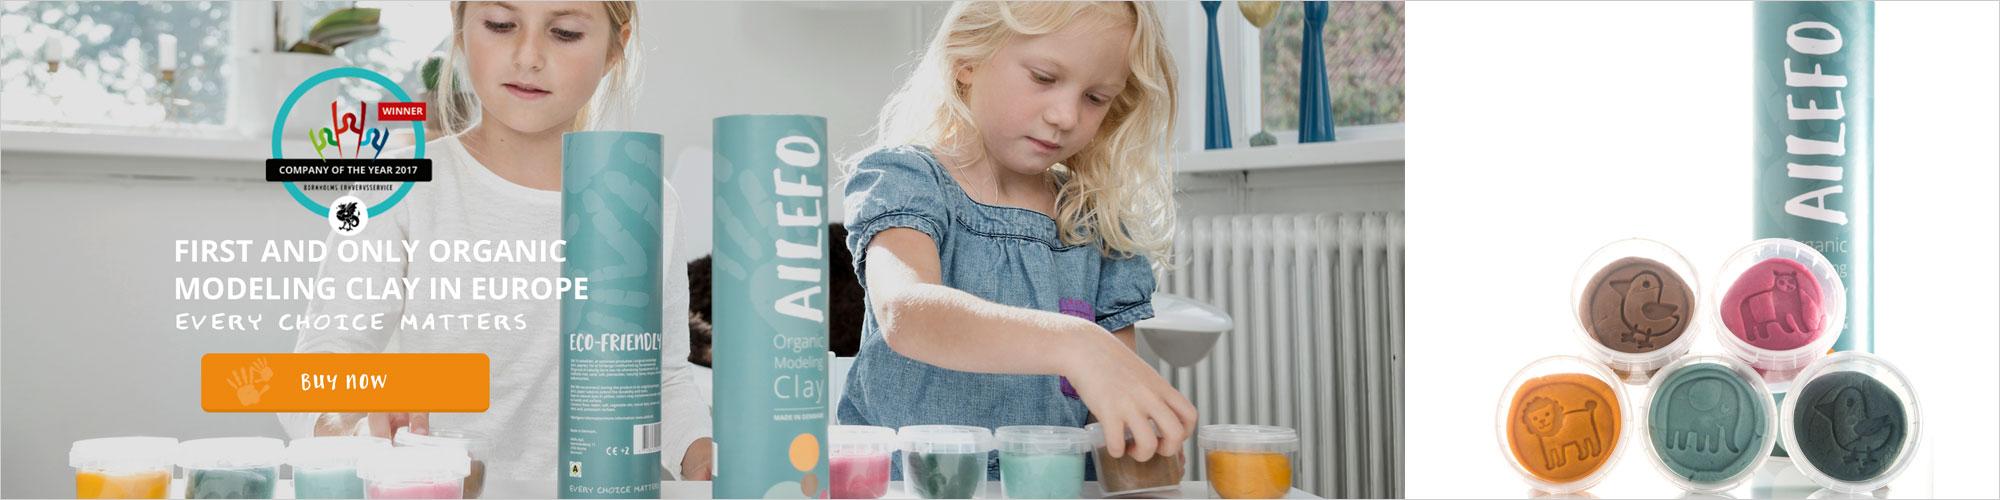 Skandinavische Produkte für Babys und Kinder banner 2